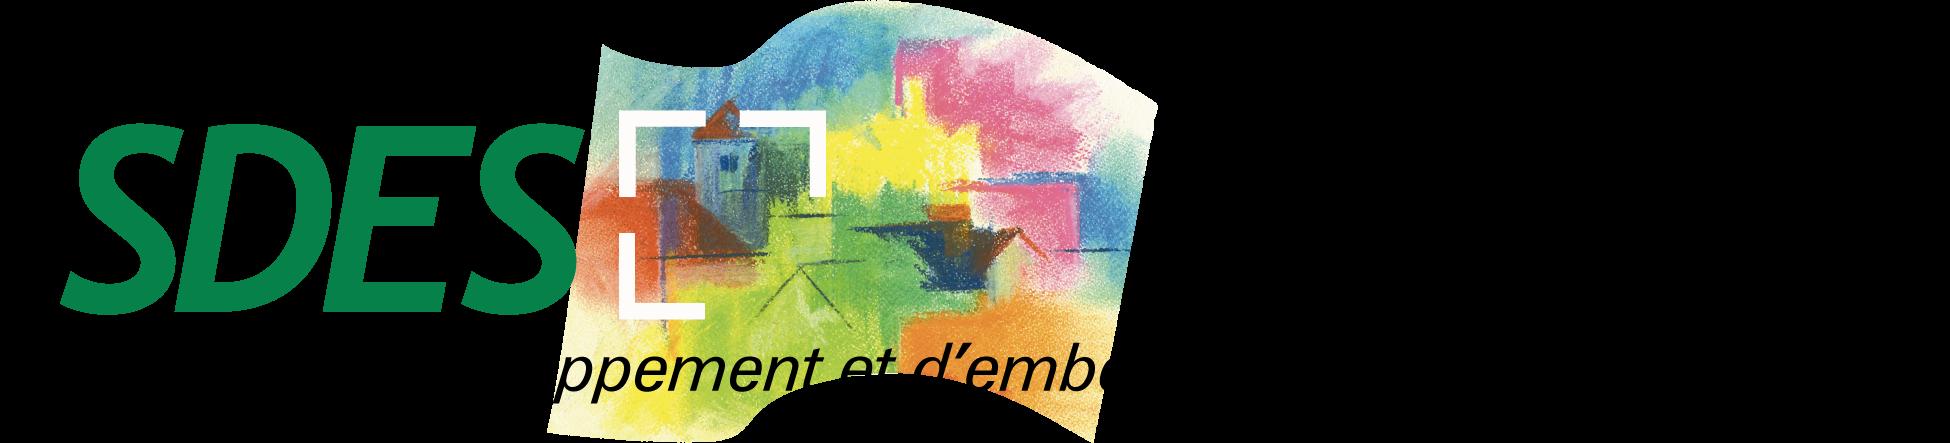 SDES - Société de Développement et d'Embellissement de Saignelégier